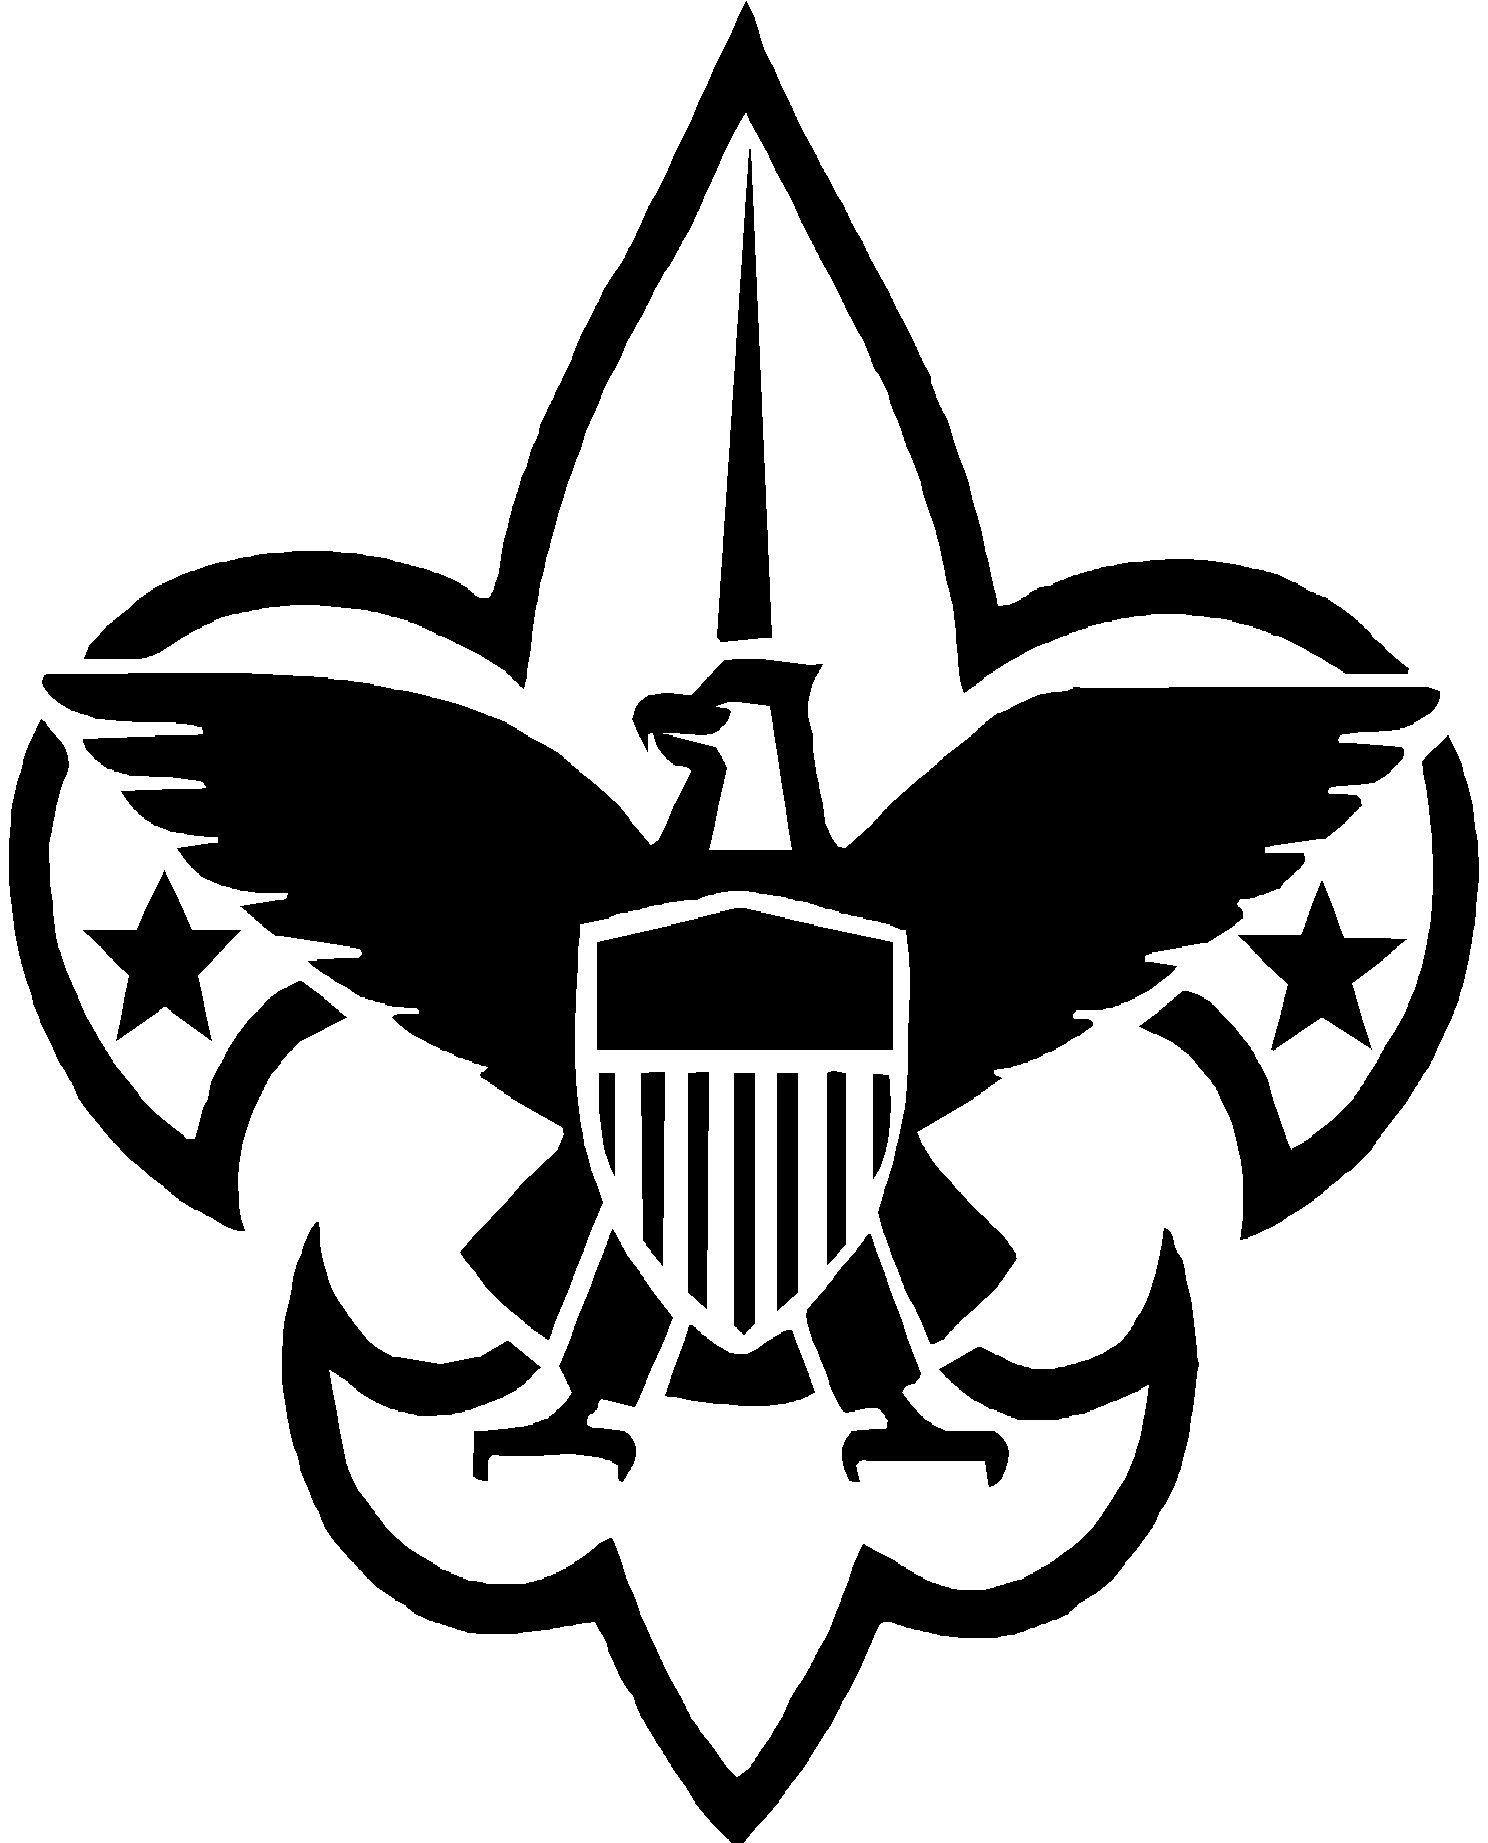 boy scouts logo clipart vector illustration u2022 rh swipcc org boy scout logo vector free boy scout emblem vector